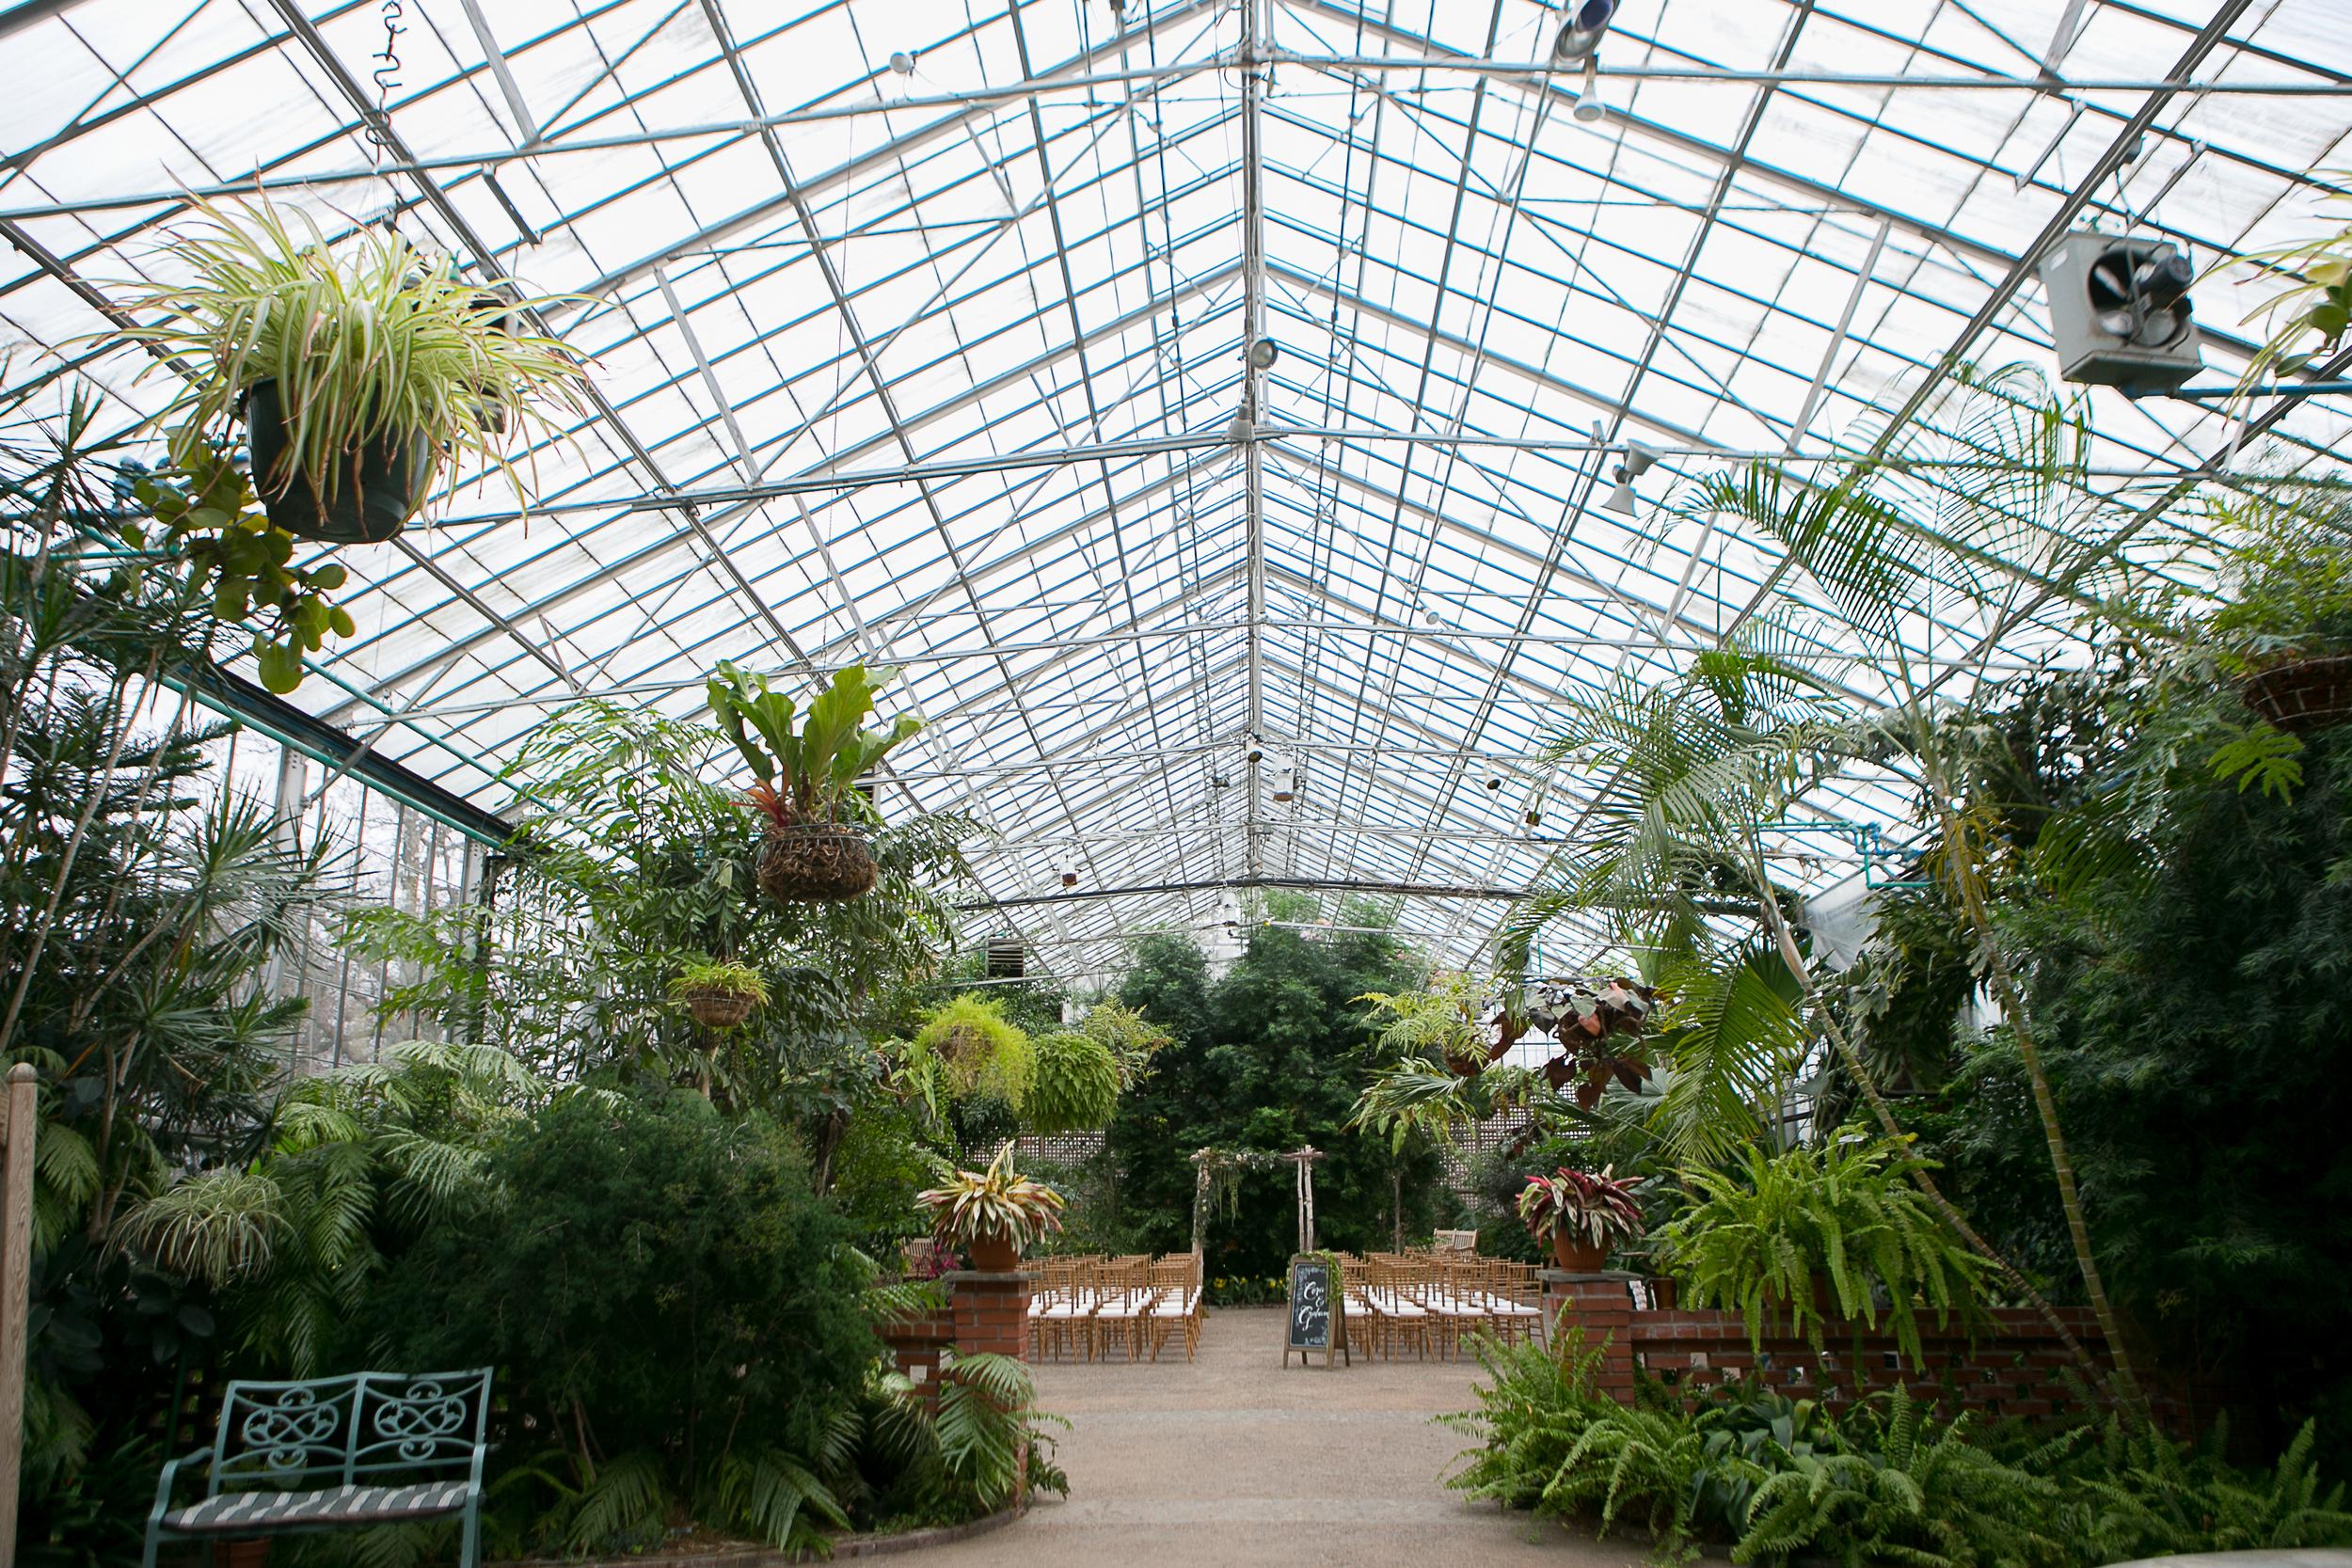 1403-Horticultural-Docherty-036.jpg